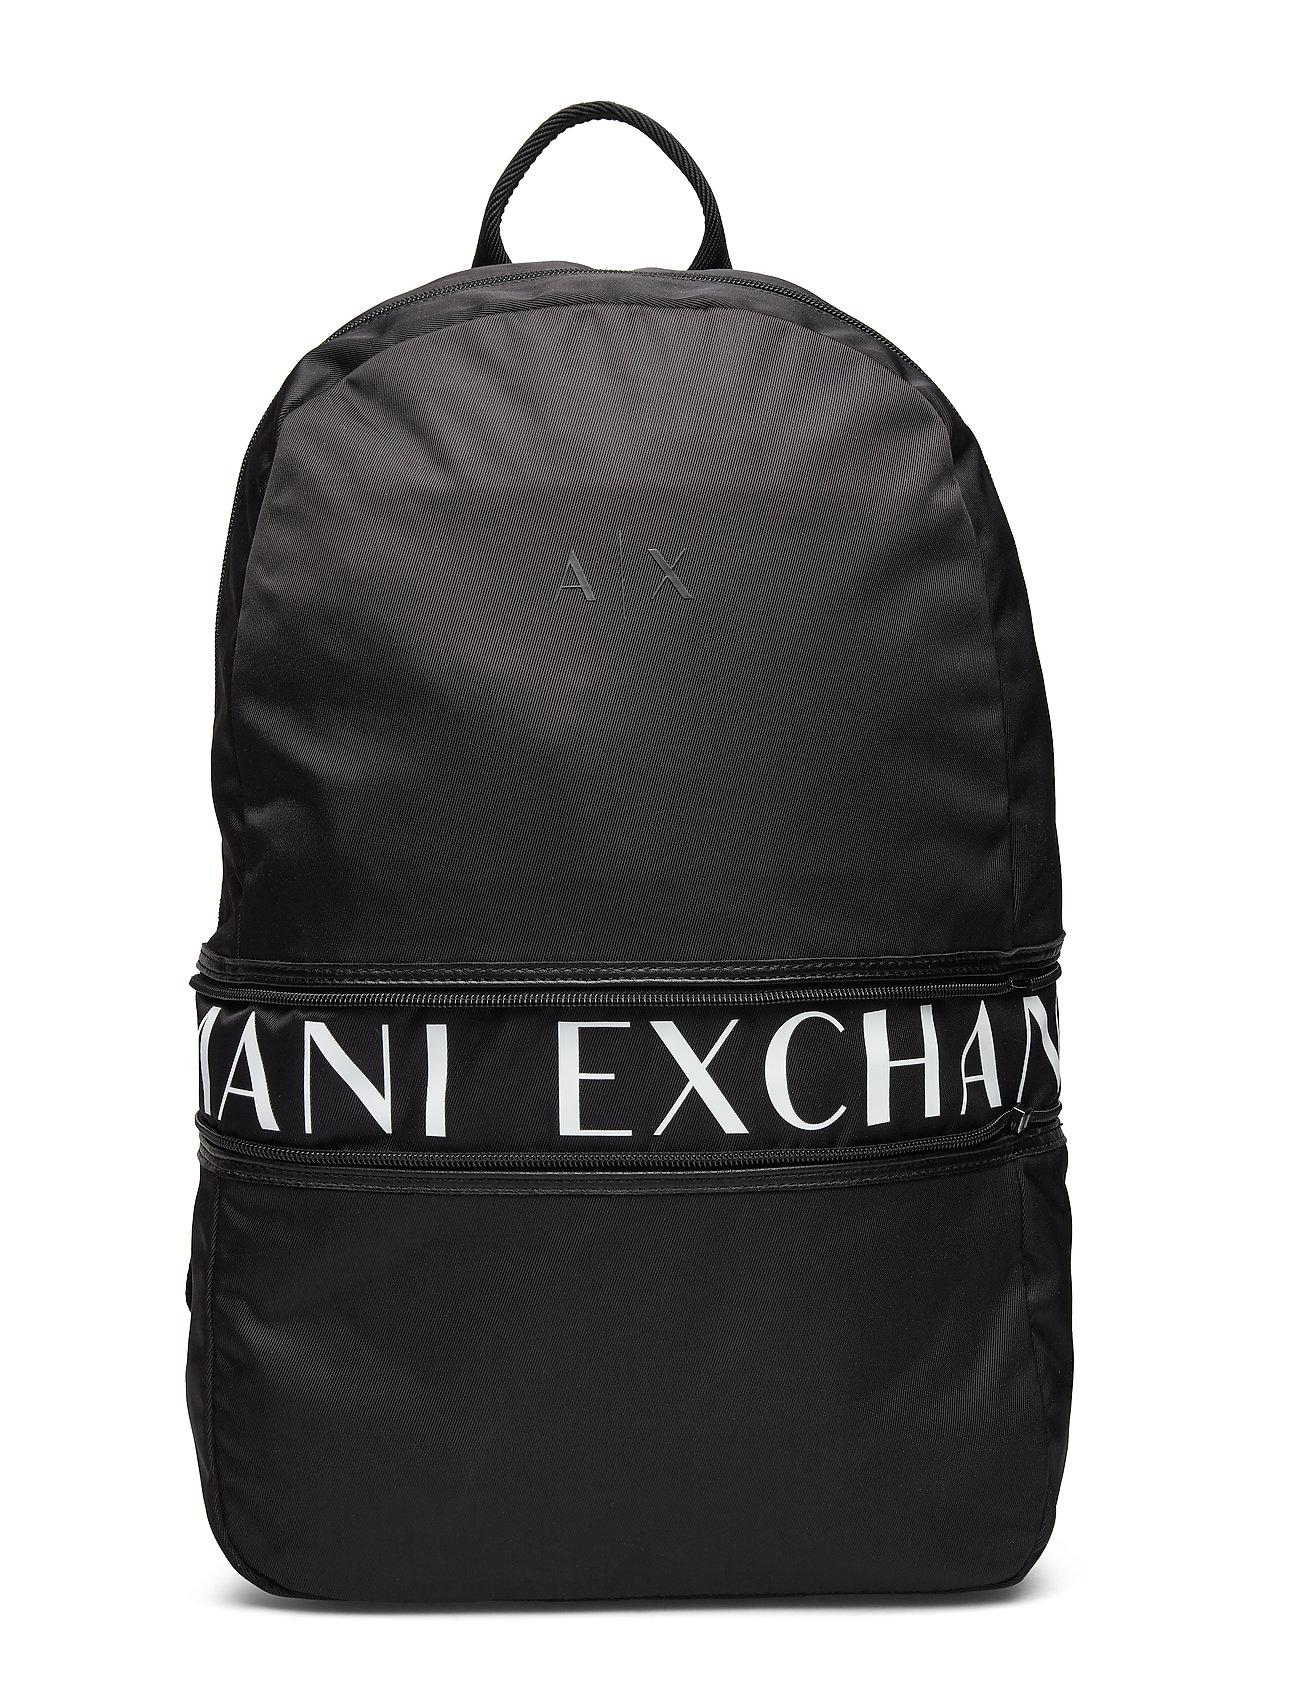 ARMANI EXCHANGE Ax Man'S Backpack Rucksack Tasche Schwarz ARMANI EXCHANGE